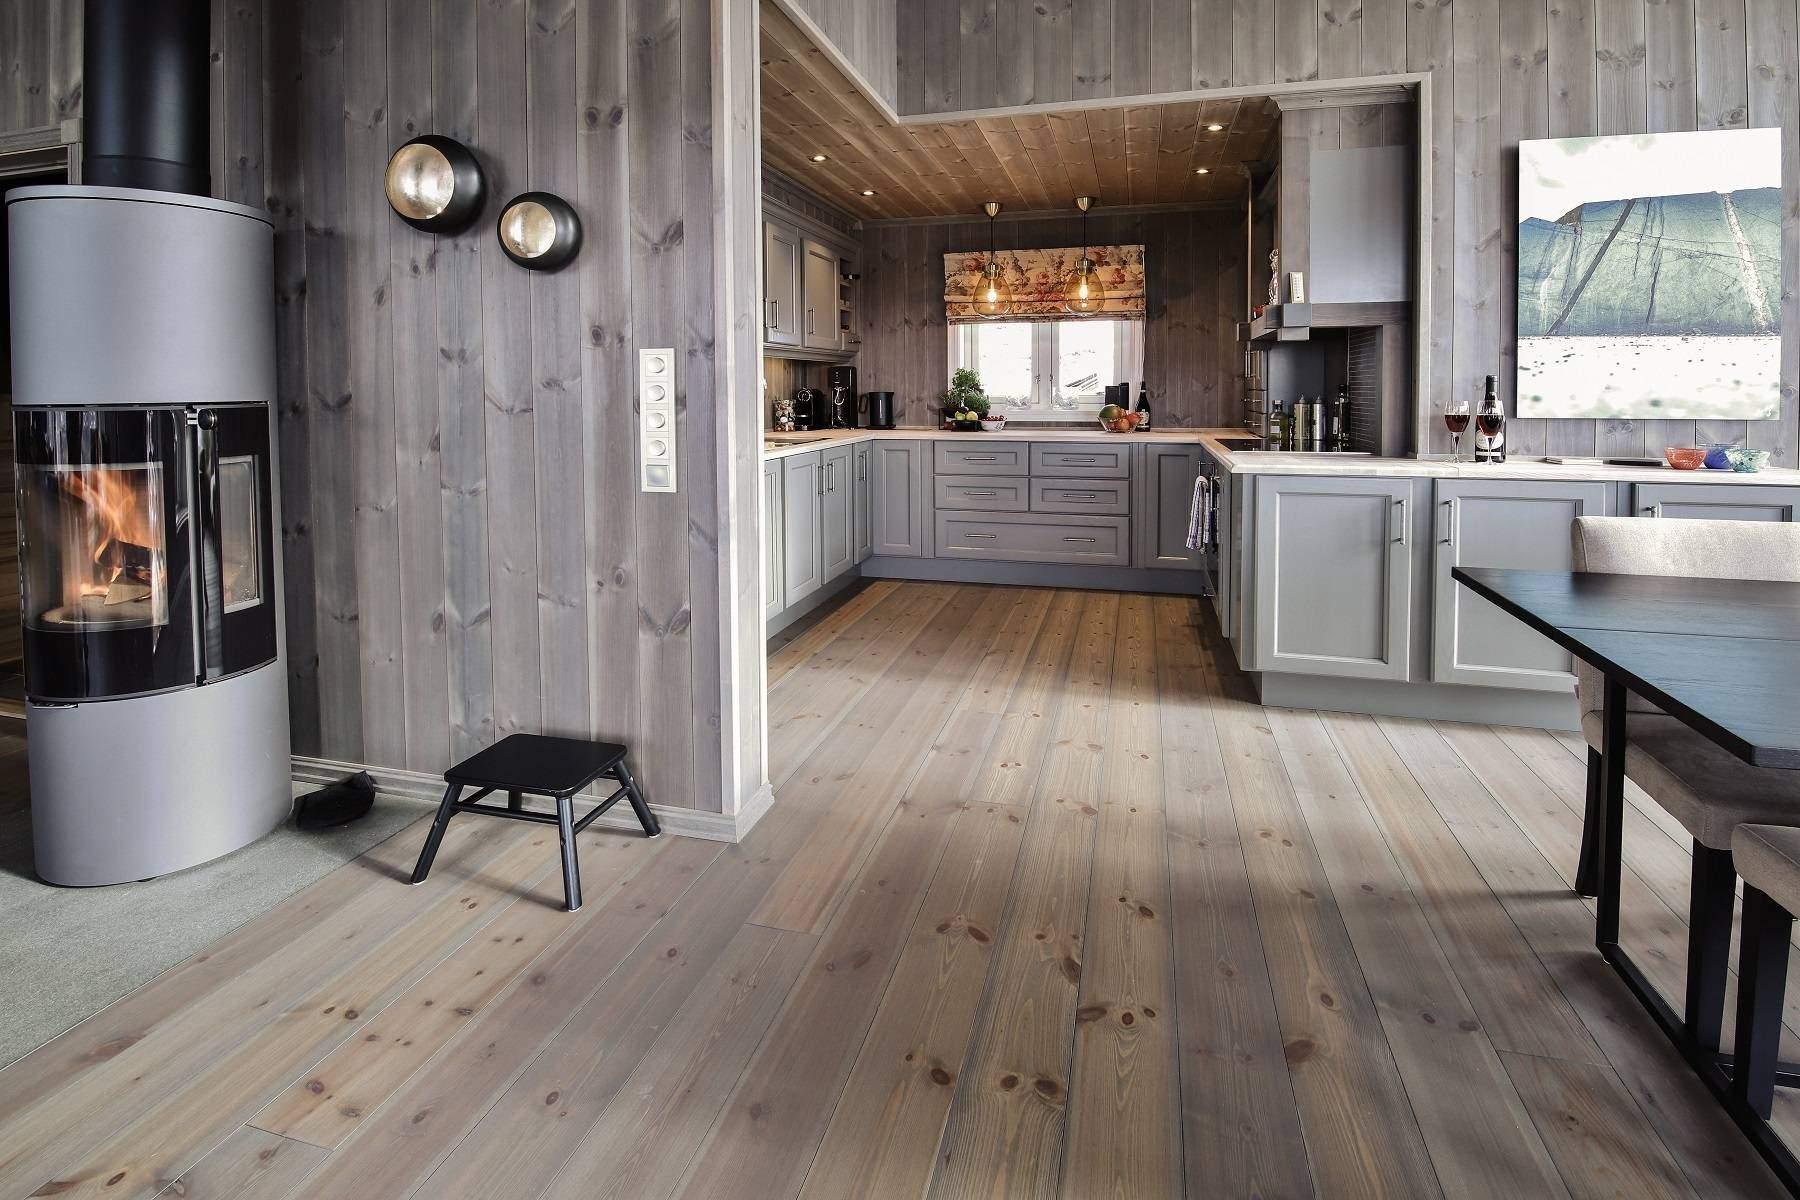 299 Hytteinteriør Hytteinspirasjon Strynsfjell 122 på Høyset Panorama Vaset. Fra spisestua mot kjøkkenet